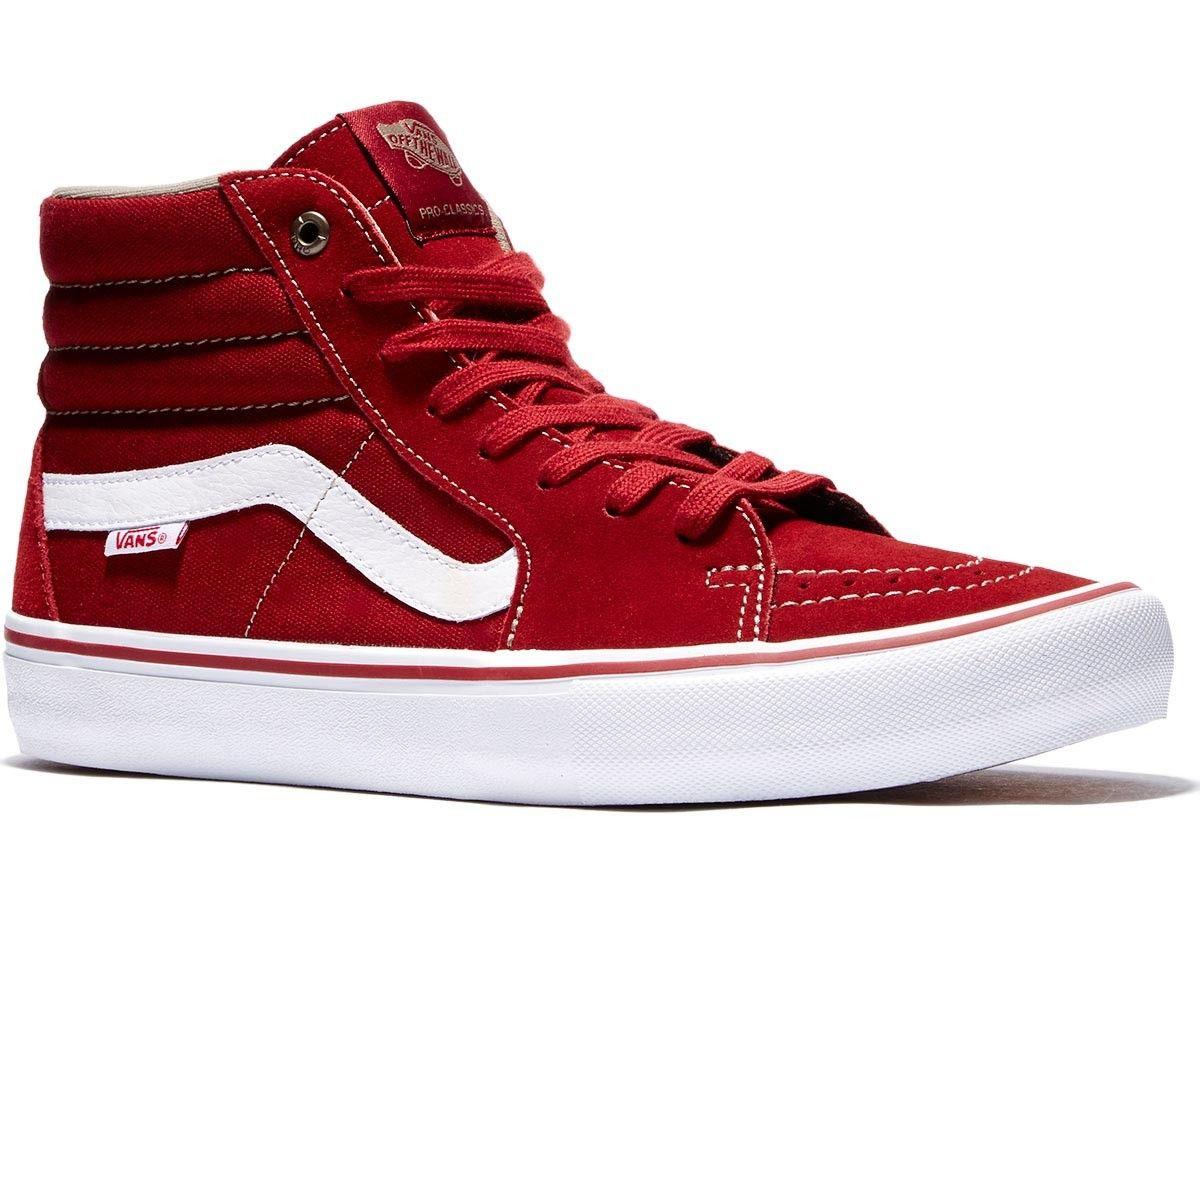 0b36d0e1b3 Vans Sk8-Hi Pro Shoes - Red Dahlia White - 8.0